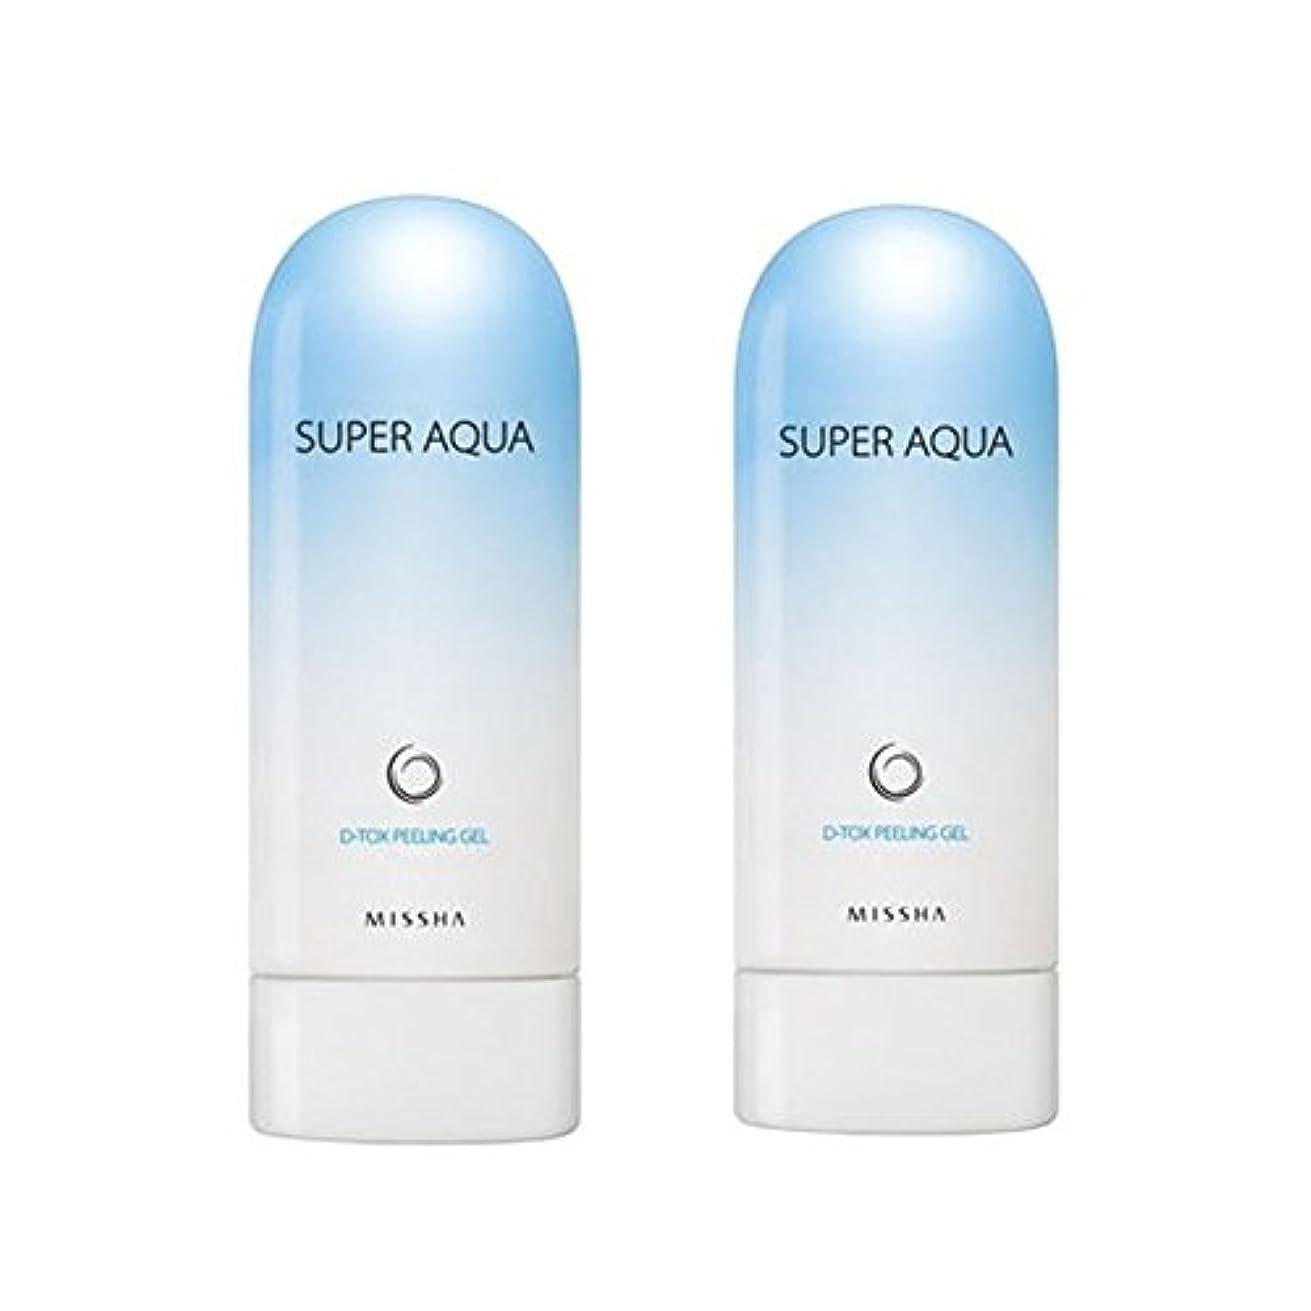 旅バッテリークリームミシャスーパーアクアピーリングジェル100ml x 2本セット、MISSHA Super Aqua Peeling Gel 100ml x 2ea Set [並行輸入品]